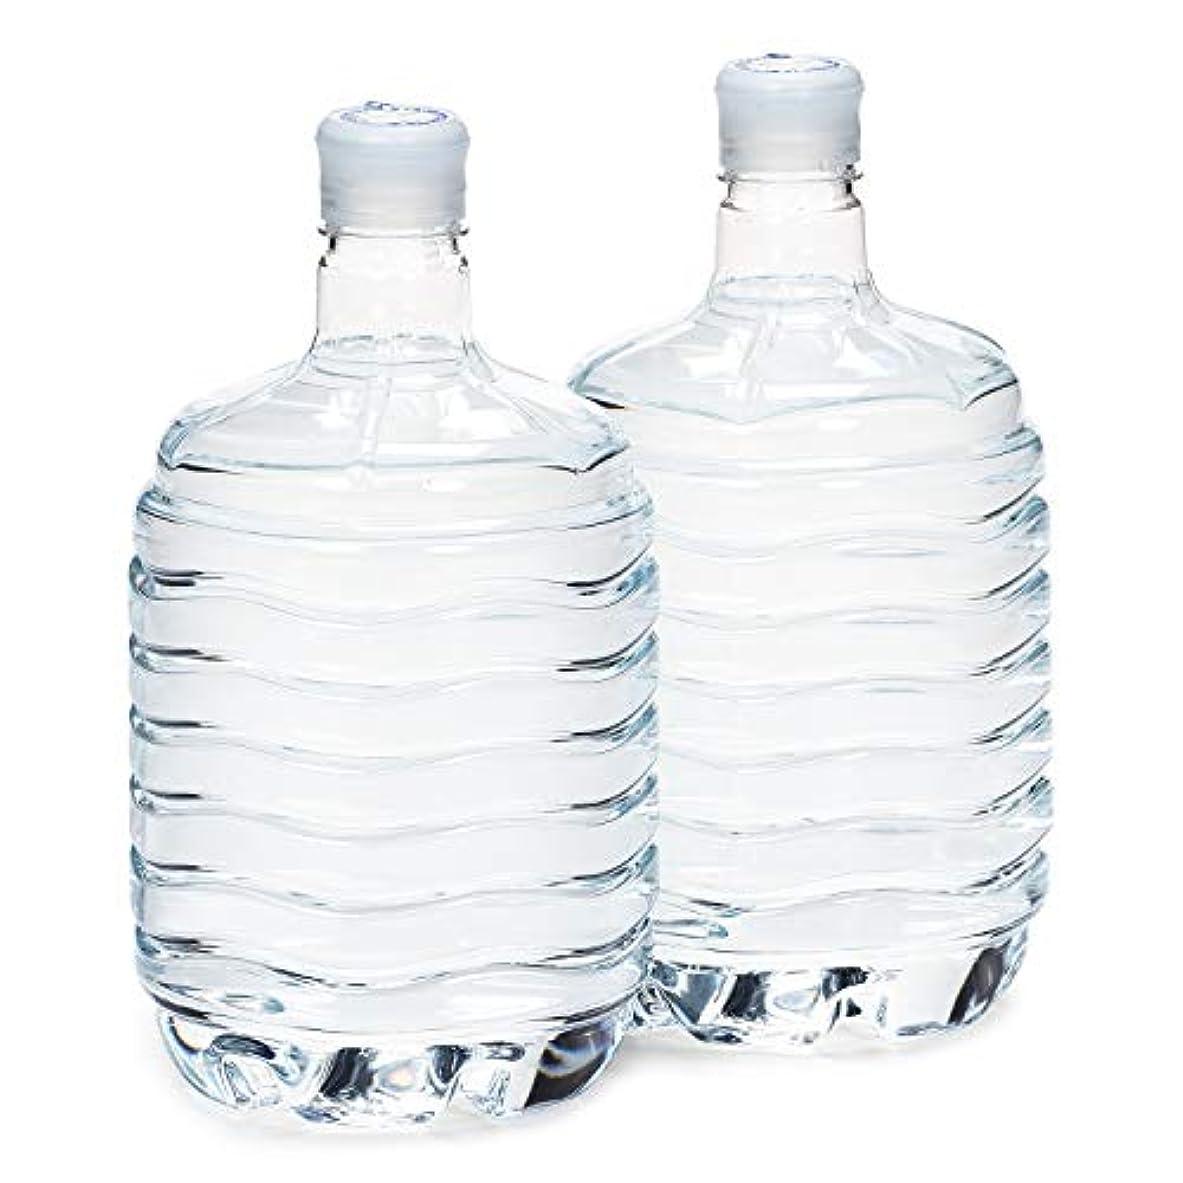 浪費モンゴメリー絶滅した箱島湧水エア 8Lx2本入 ウォーターサーバー対応ボトル